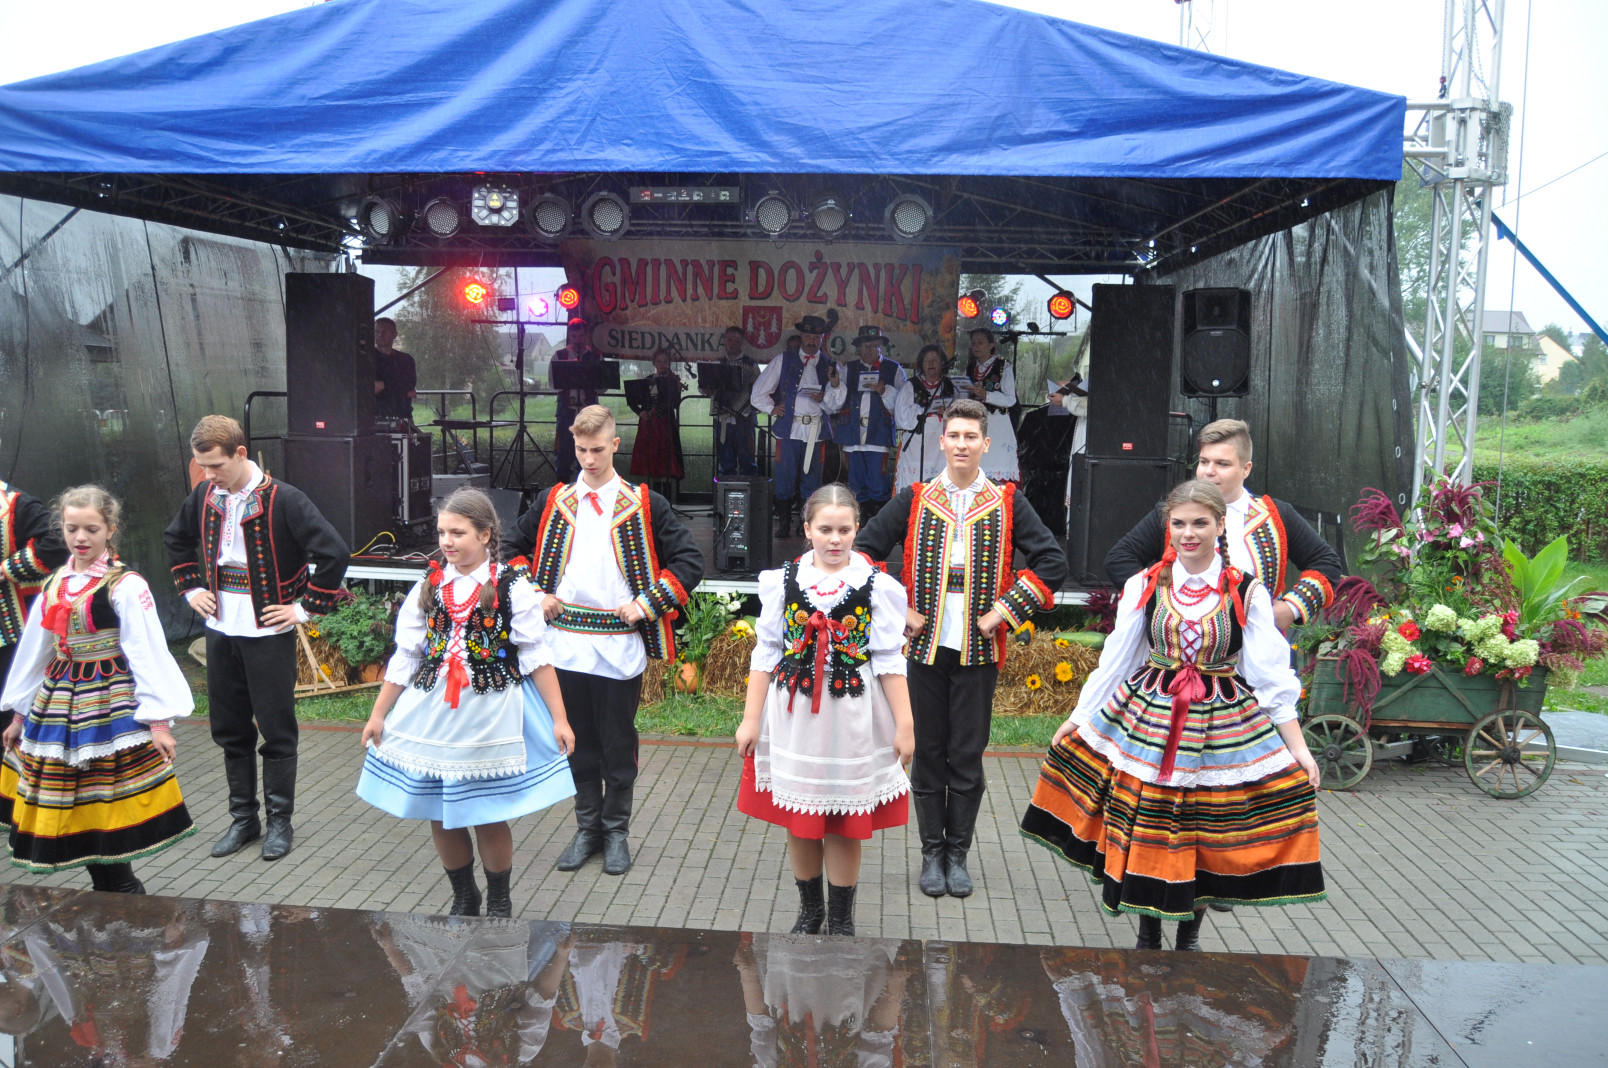 Gmina Niwiska. W niedzielę 26 sierpnia, w Siedlance odbyło się święto plonów. Dożynki 2018 - zobaczcie zdjęcia z uroczystości - Zdjęcie główne